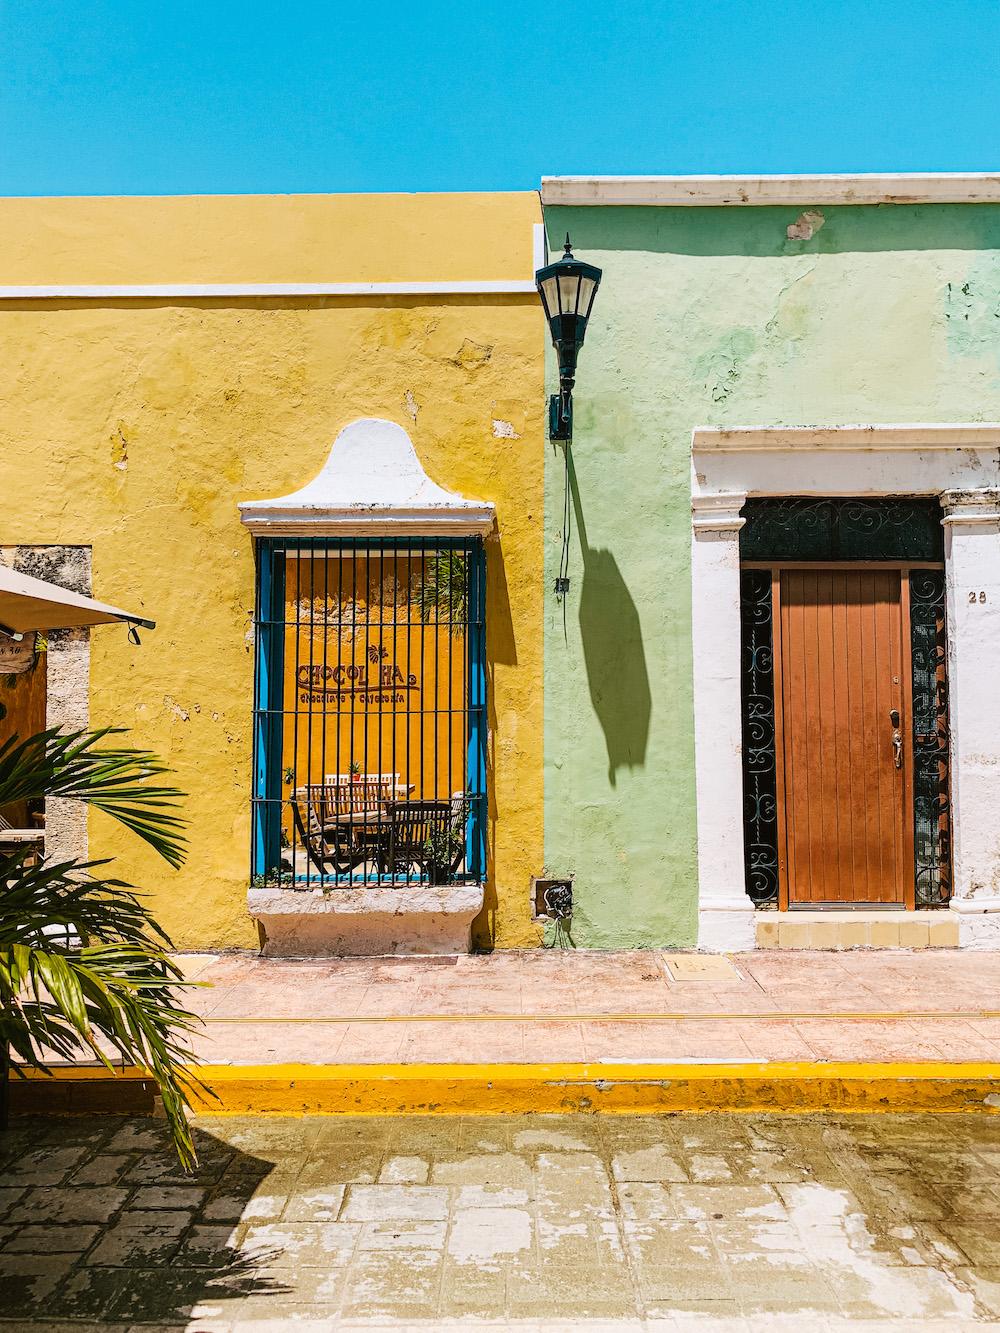 campeche mexico pastel kleurige huisjes